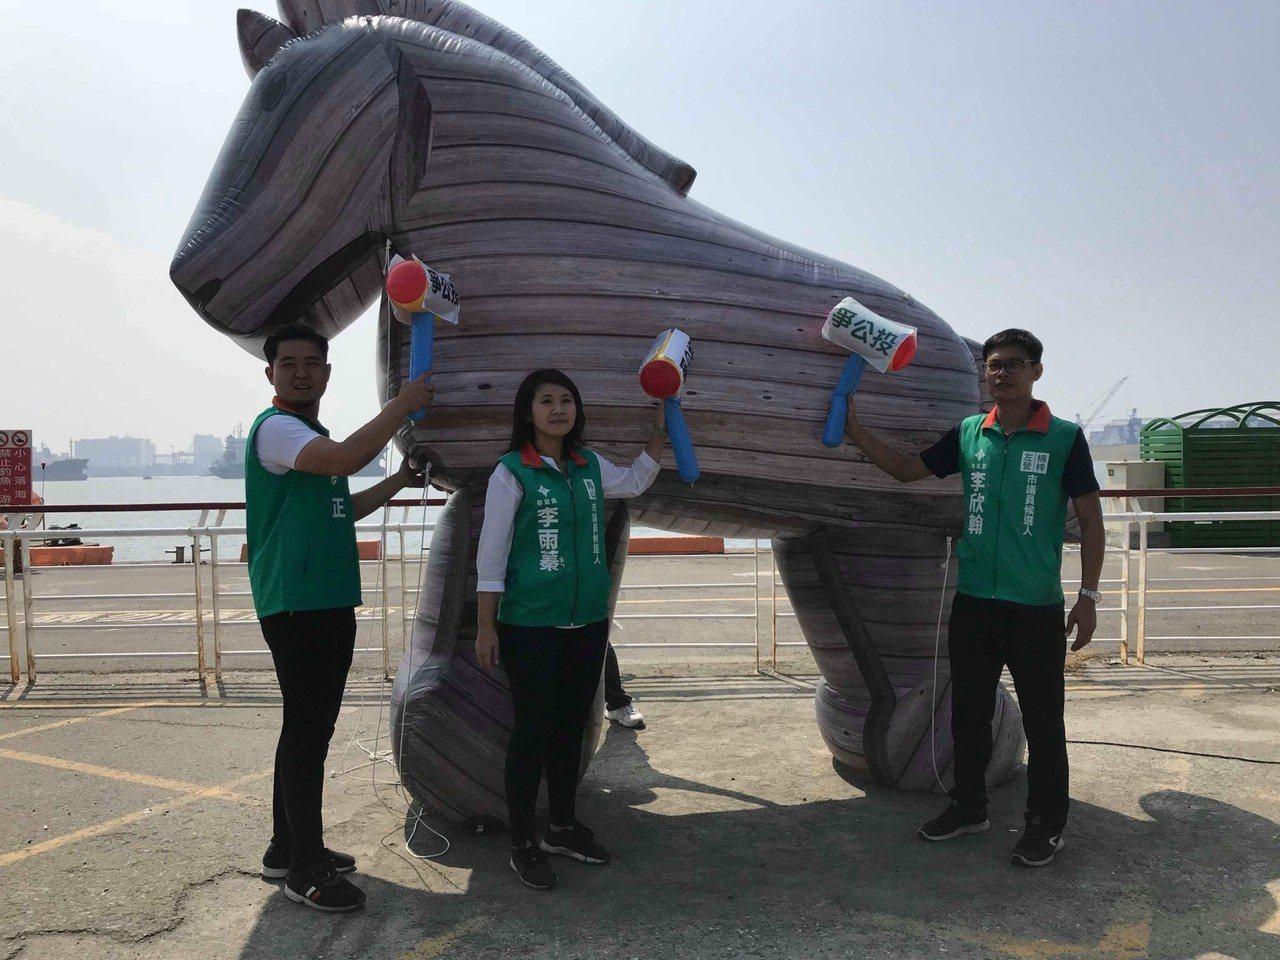 基進黨今早在高雄港擺設大型「中資木馬」,質疑高雄港被中資入侵,政府應該警覺。圖/...